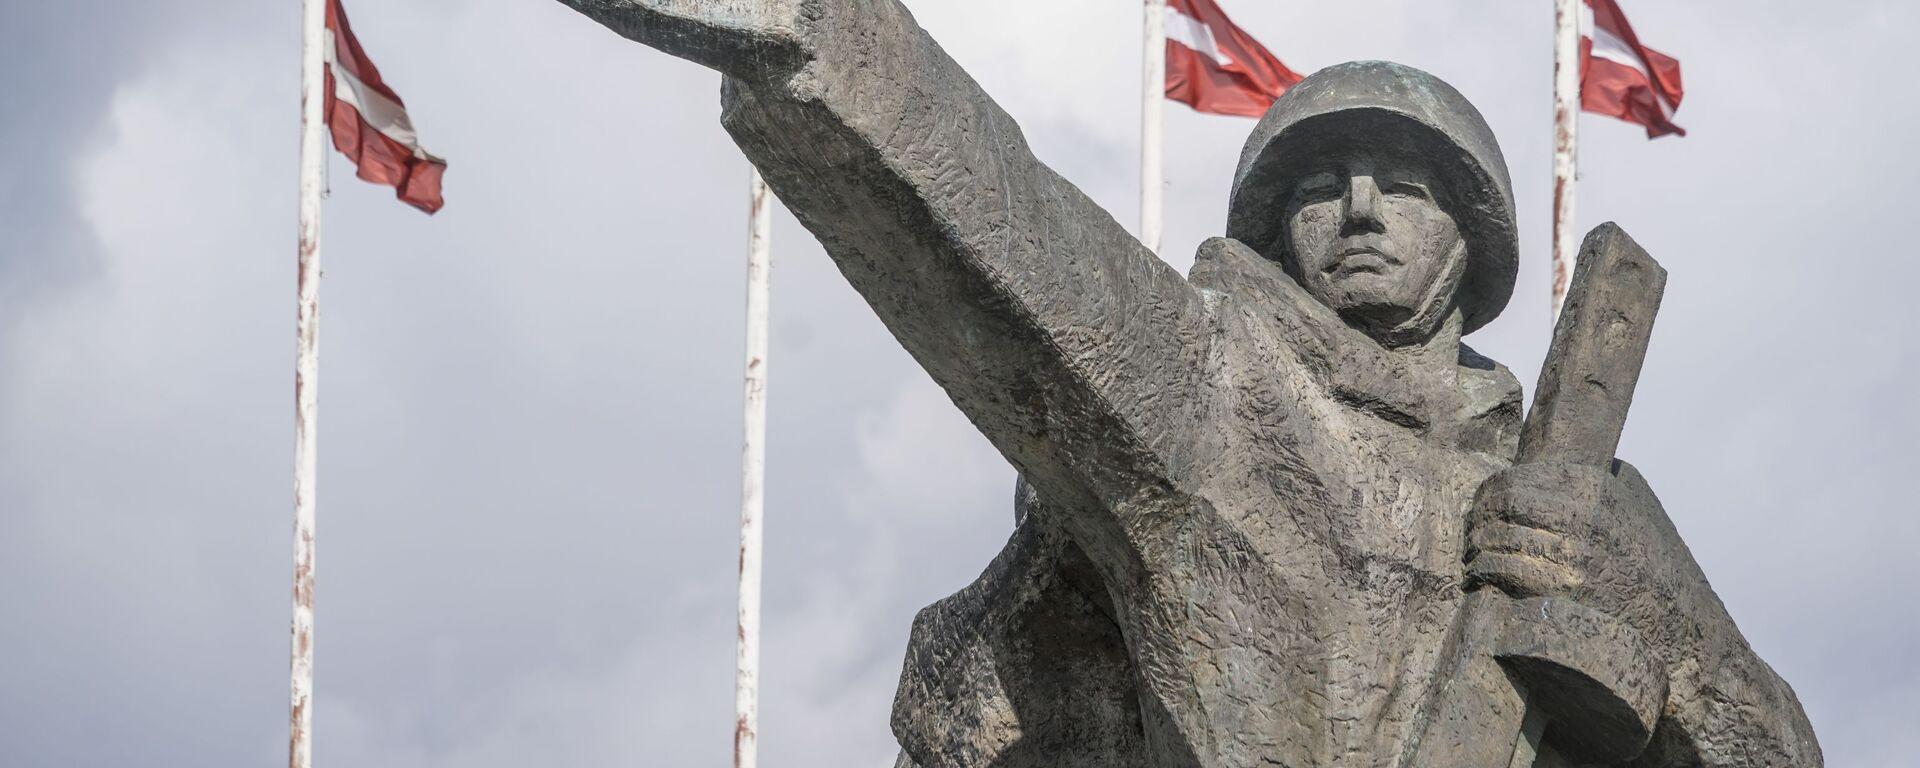 Памятник Освободителям Риги - Sputnik Latvija, 1920, 02.05.2021